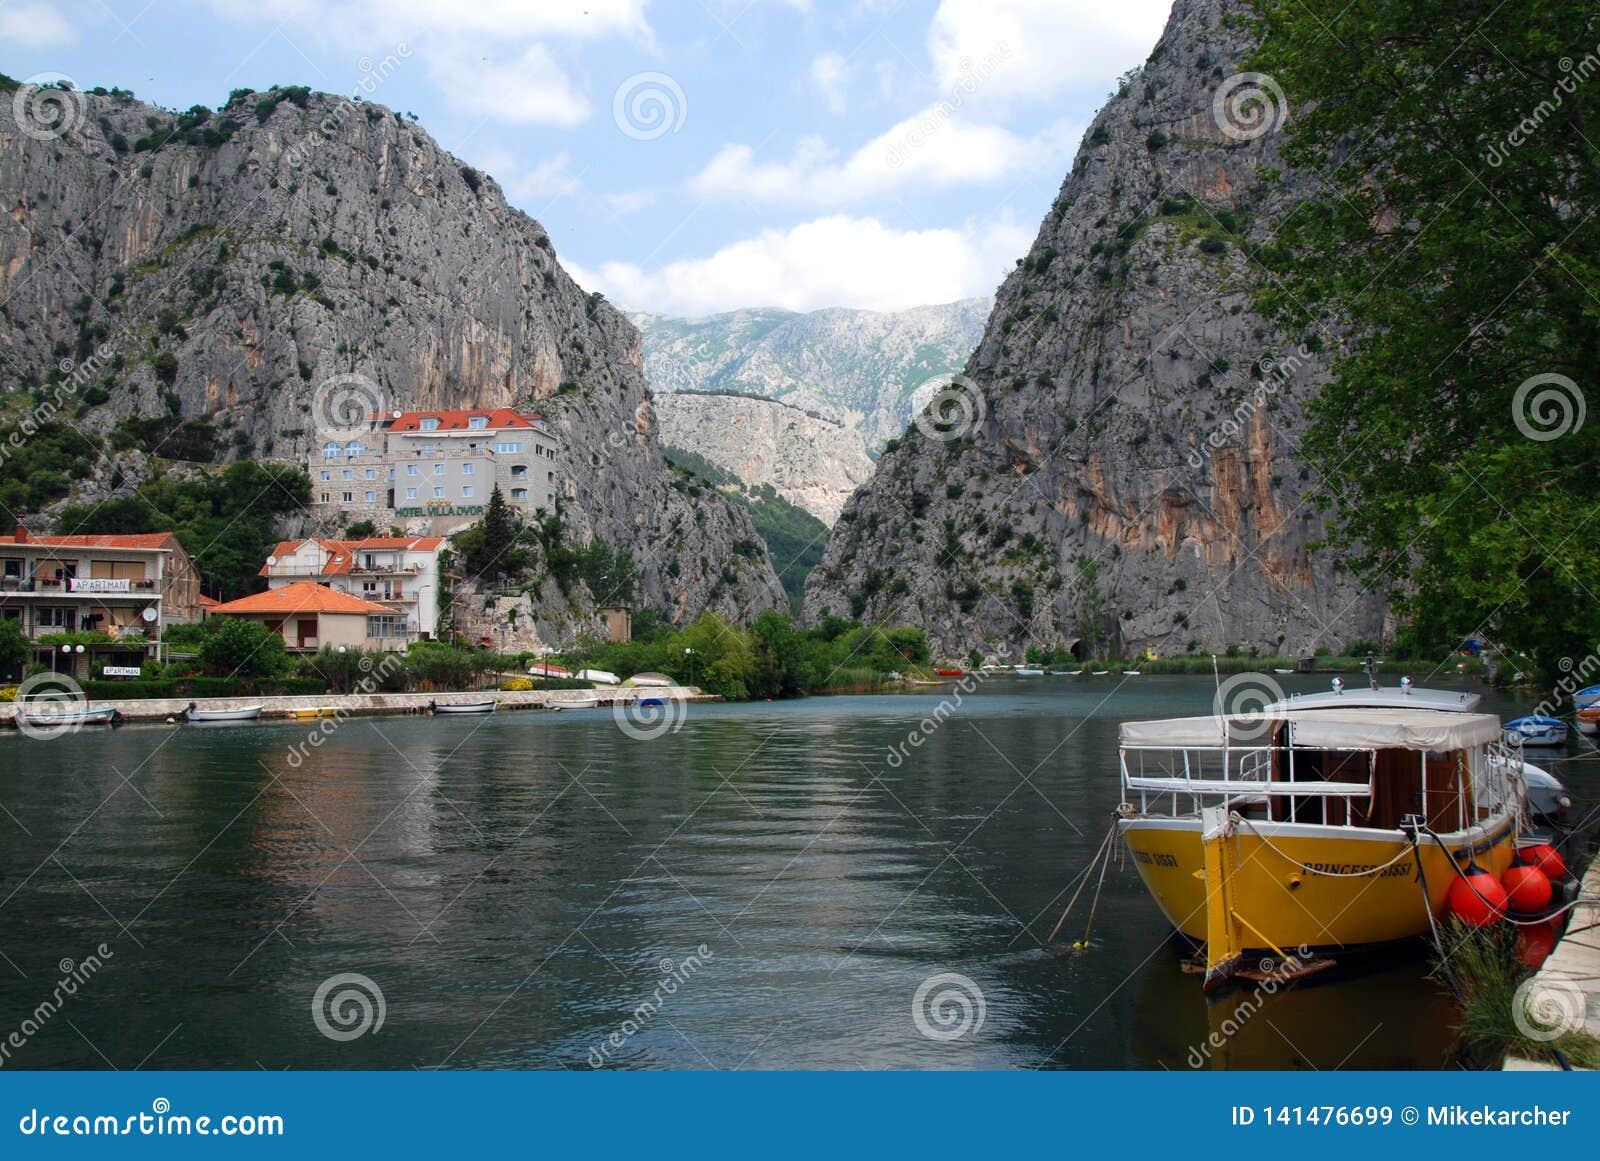 Omis i Kroatien